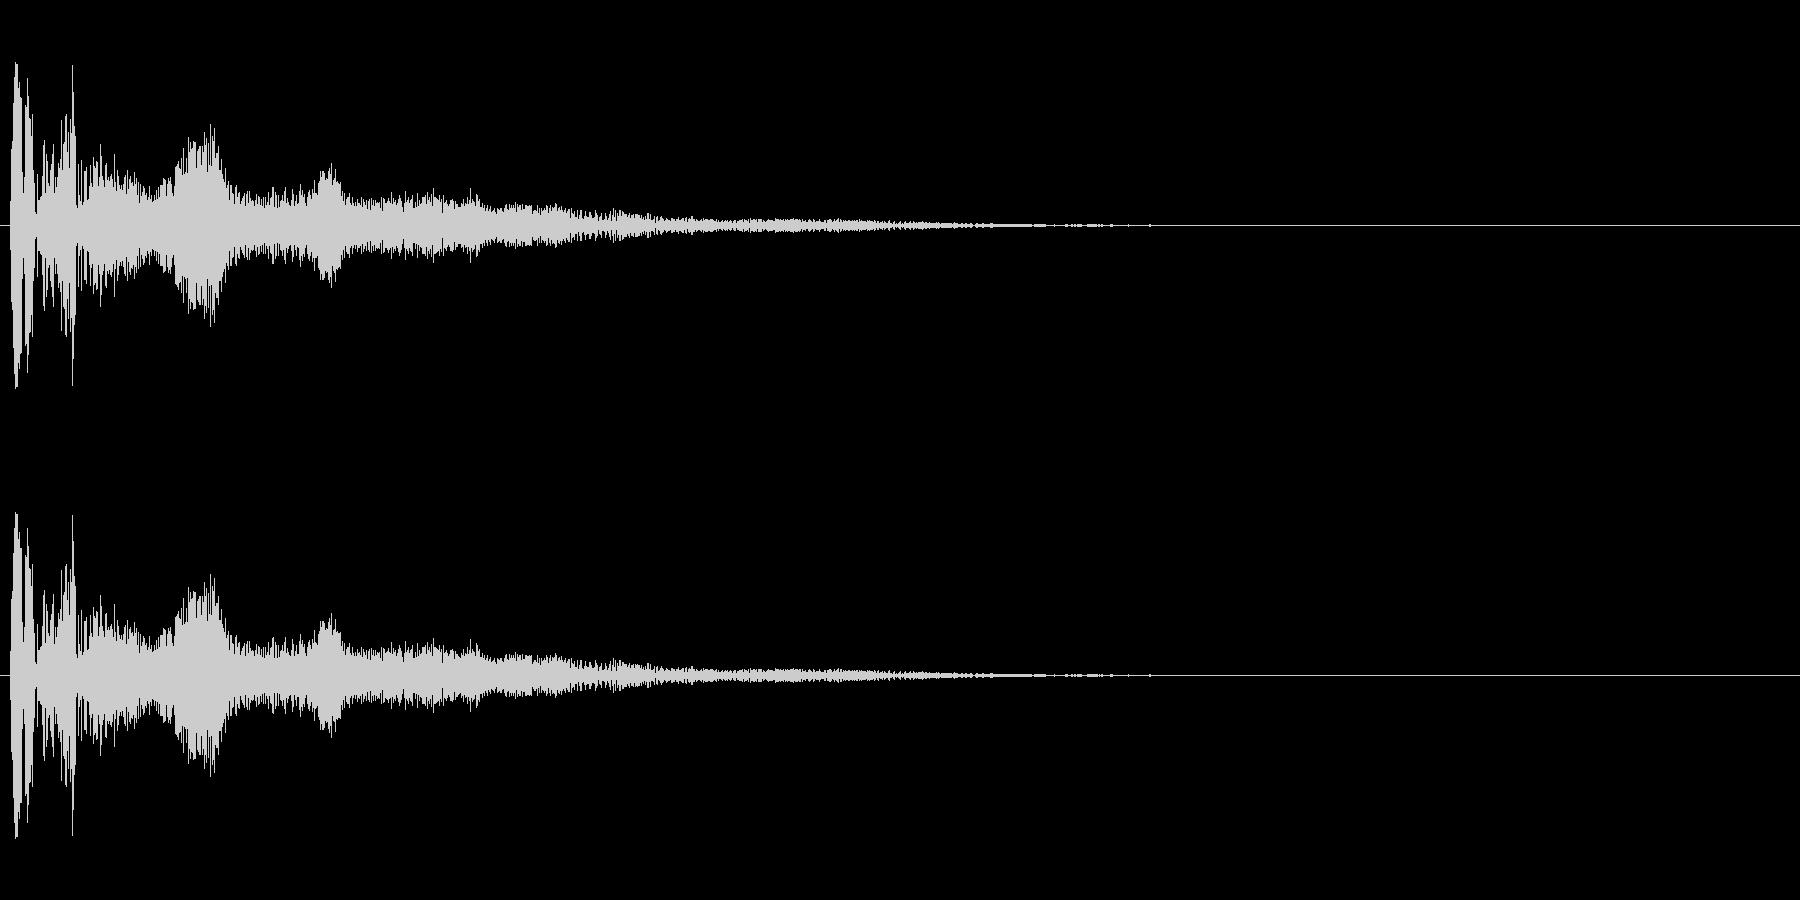 ボヨヨーン(低い)コミカル効果音の未再生の波形